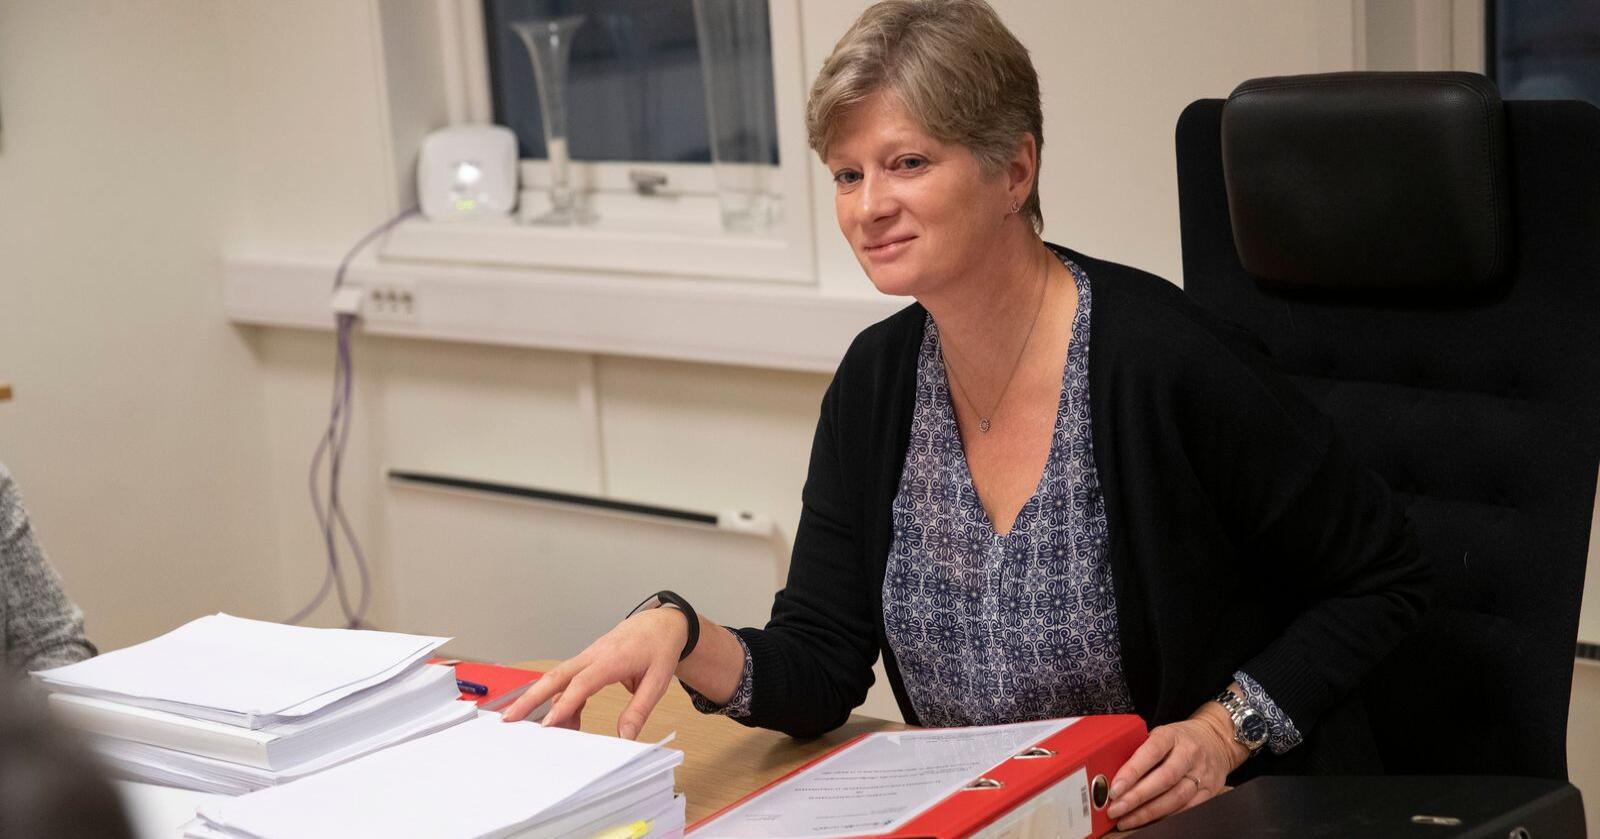 Lederen av Gjenopptakelseskommisjonen, Siv Hallgren, håpet å bli ferdig nå i oktober med å vurdere om Viggo Kristiansen skal få saken sin rettsbehandlet på nytt. Foto: Terje Bendiksby / NTB scanpix